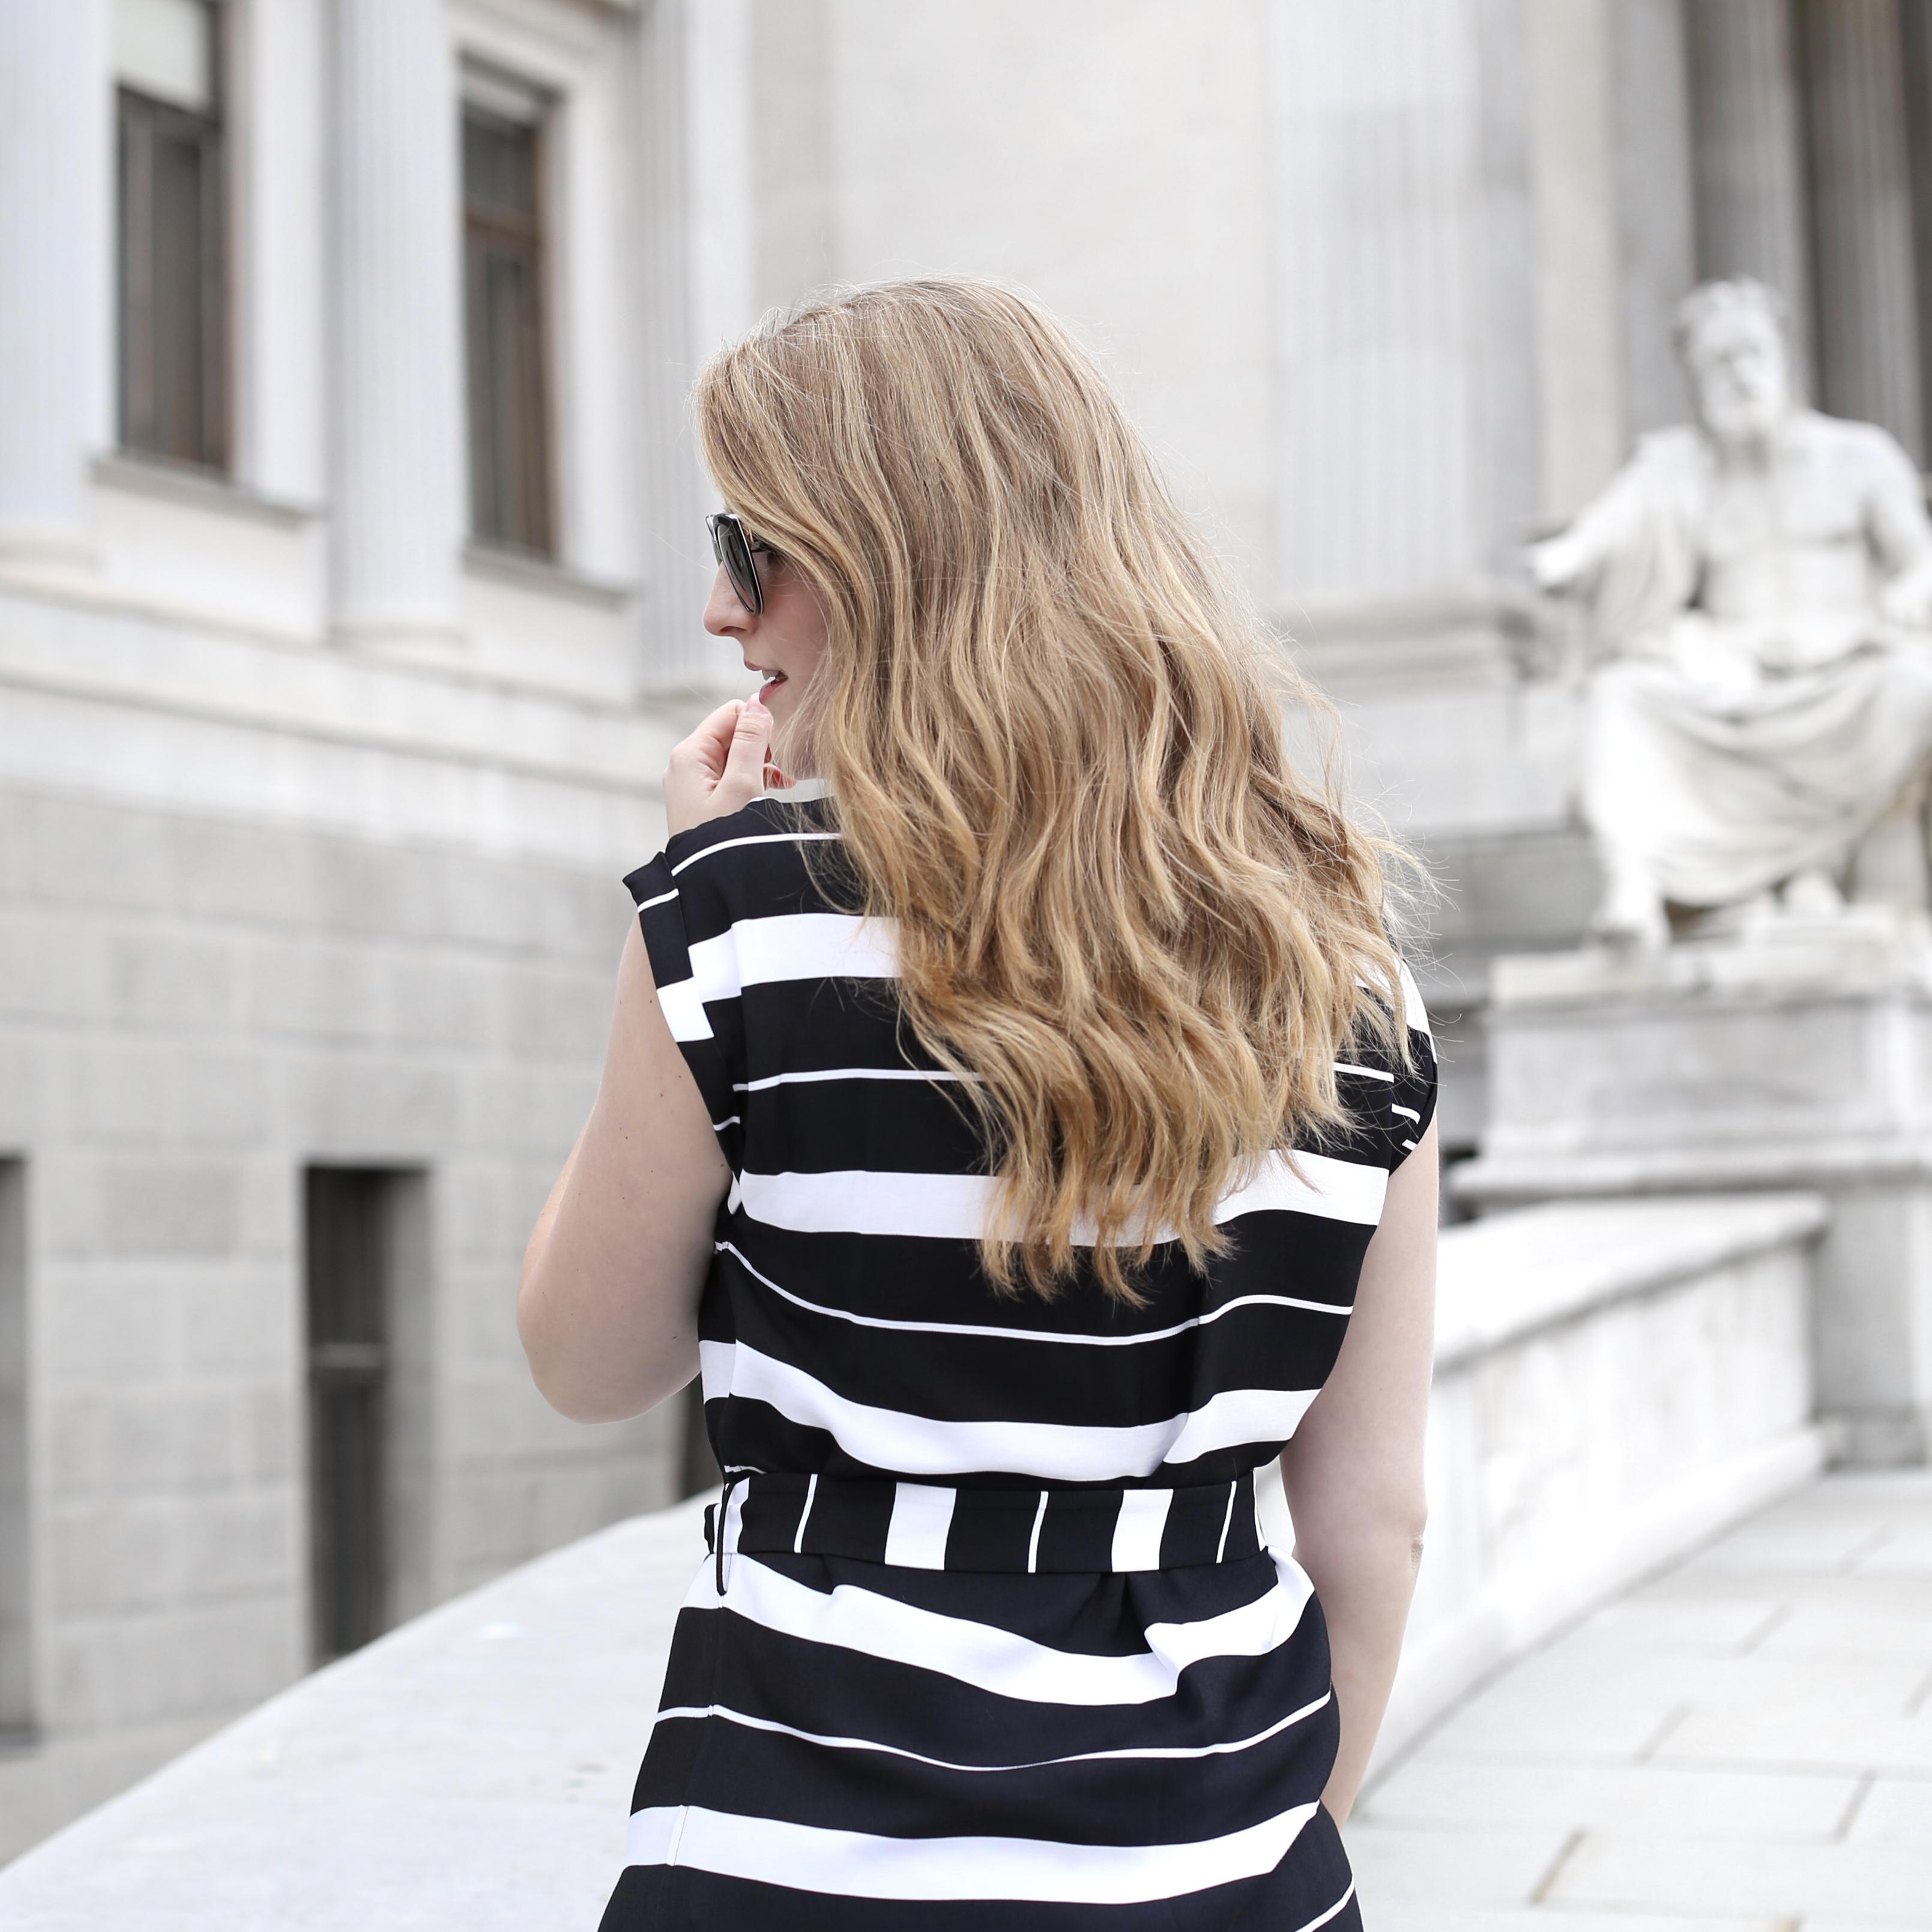 wien_outfit_beautyjunkie_fashionblogger_2.jpg